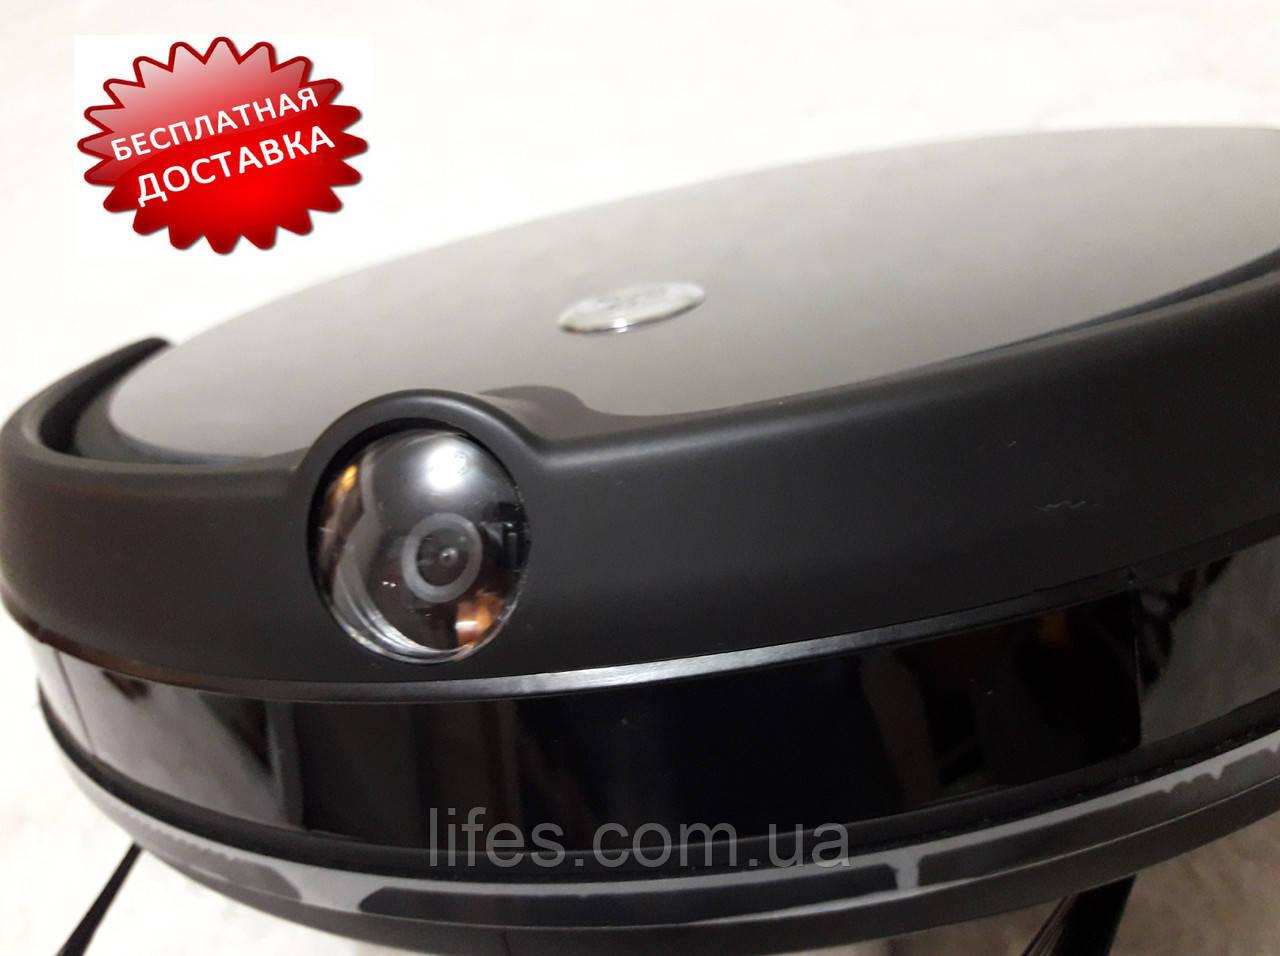 Робот - пылесос Модель Imass -A3-VBL WI-FI с видеокамерой умная навигация